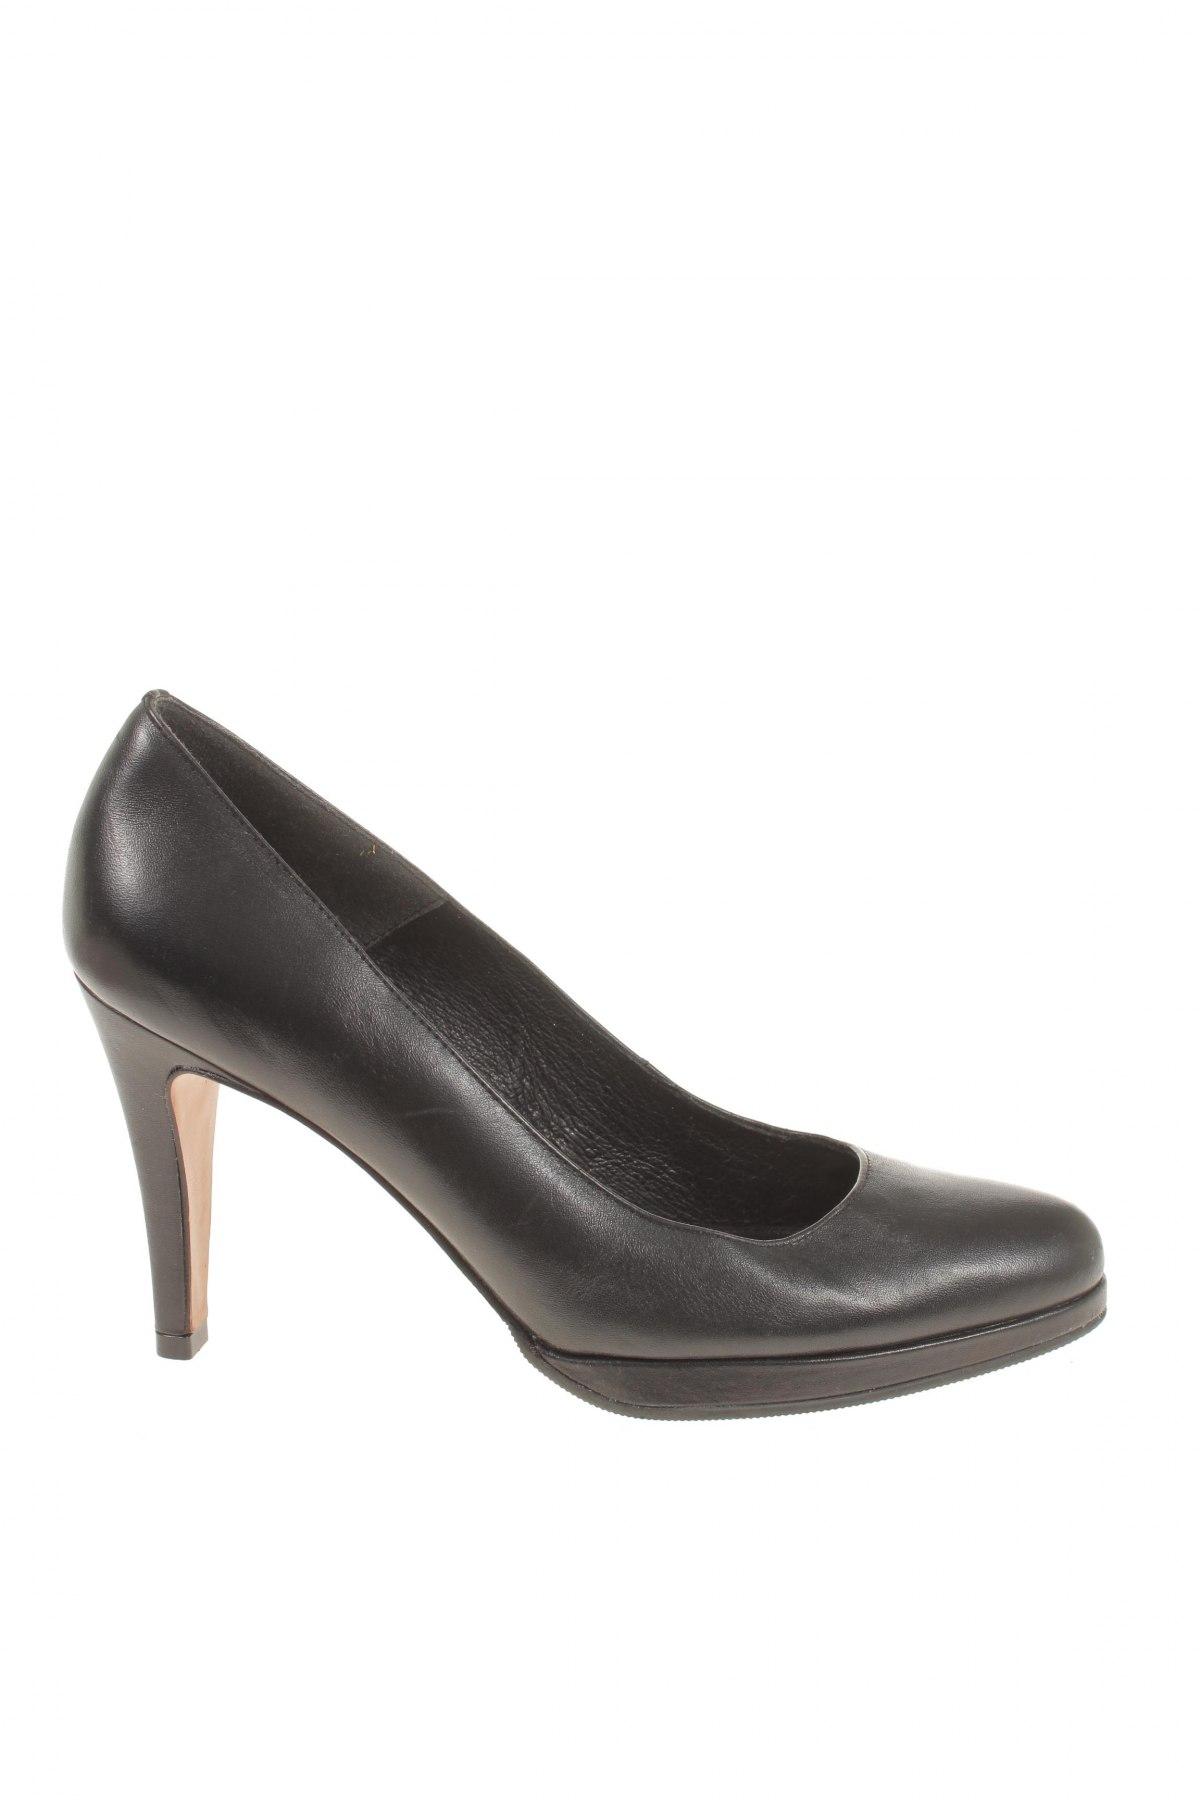 6927ce53e0b5 Dámske topánky Buffalo - za výhodnú cenu na Remix -  102032461